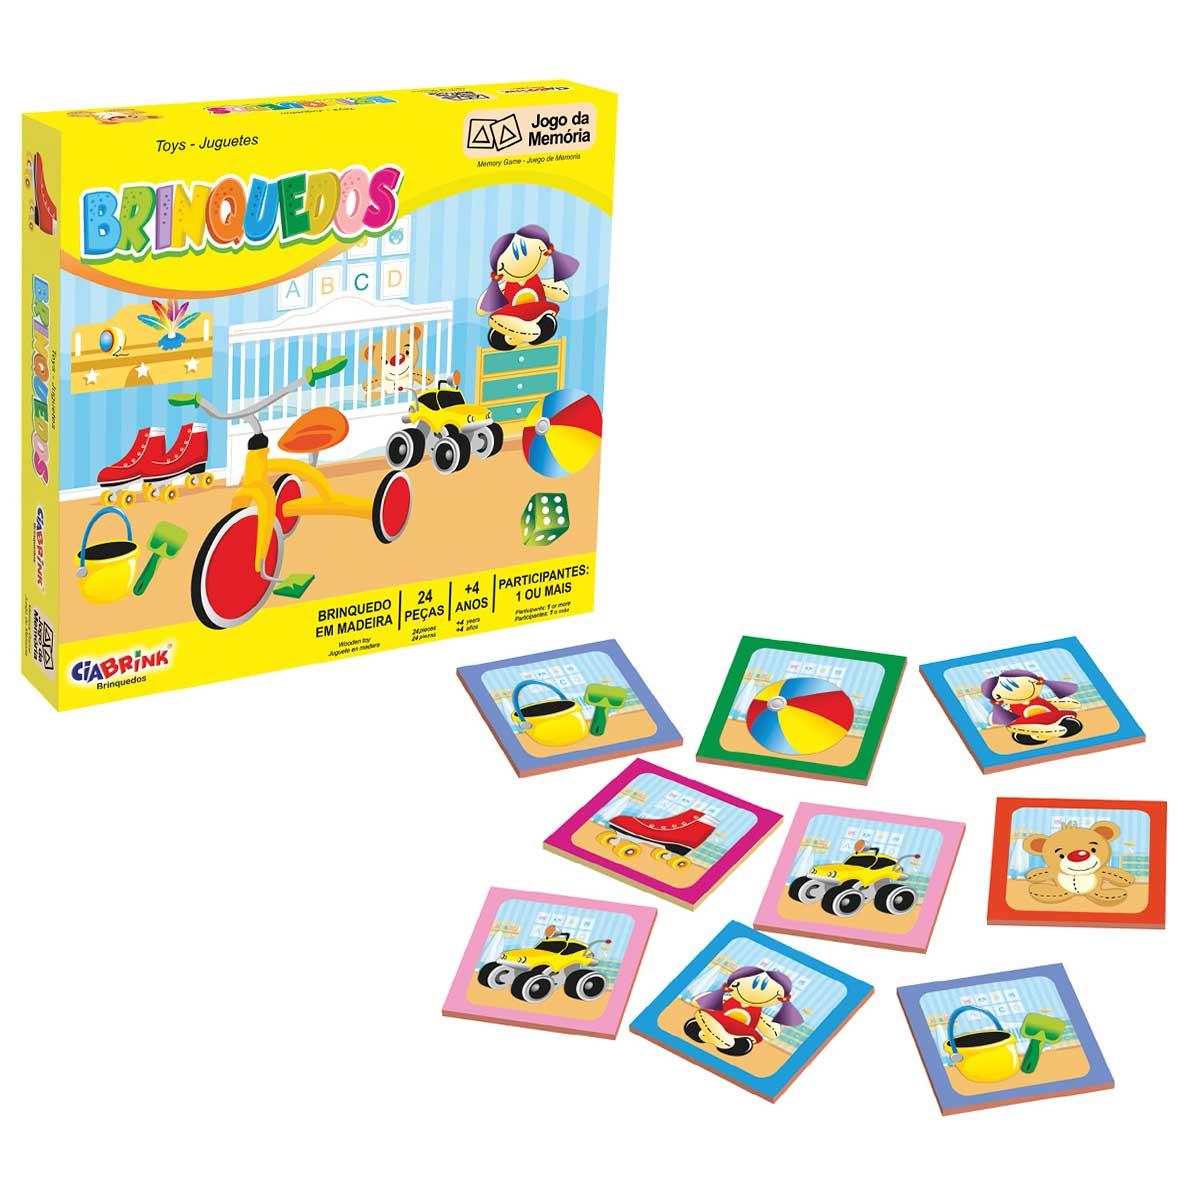 Jogo da Memória Brinquedos com Caixa de Madeira CiaBrink